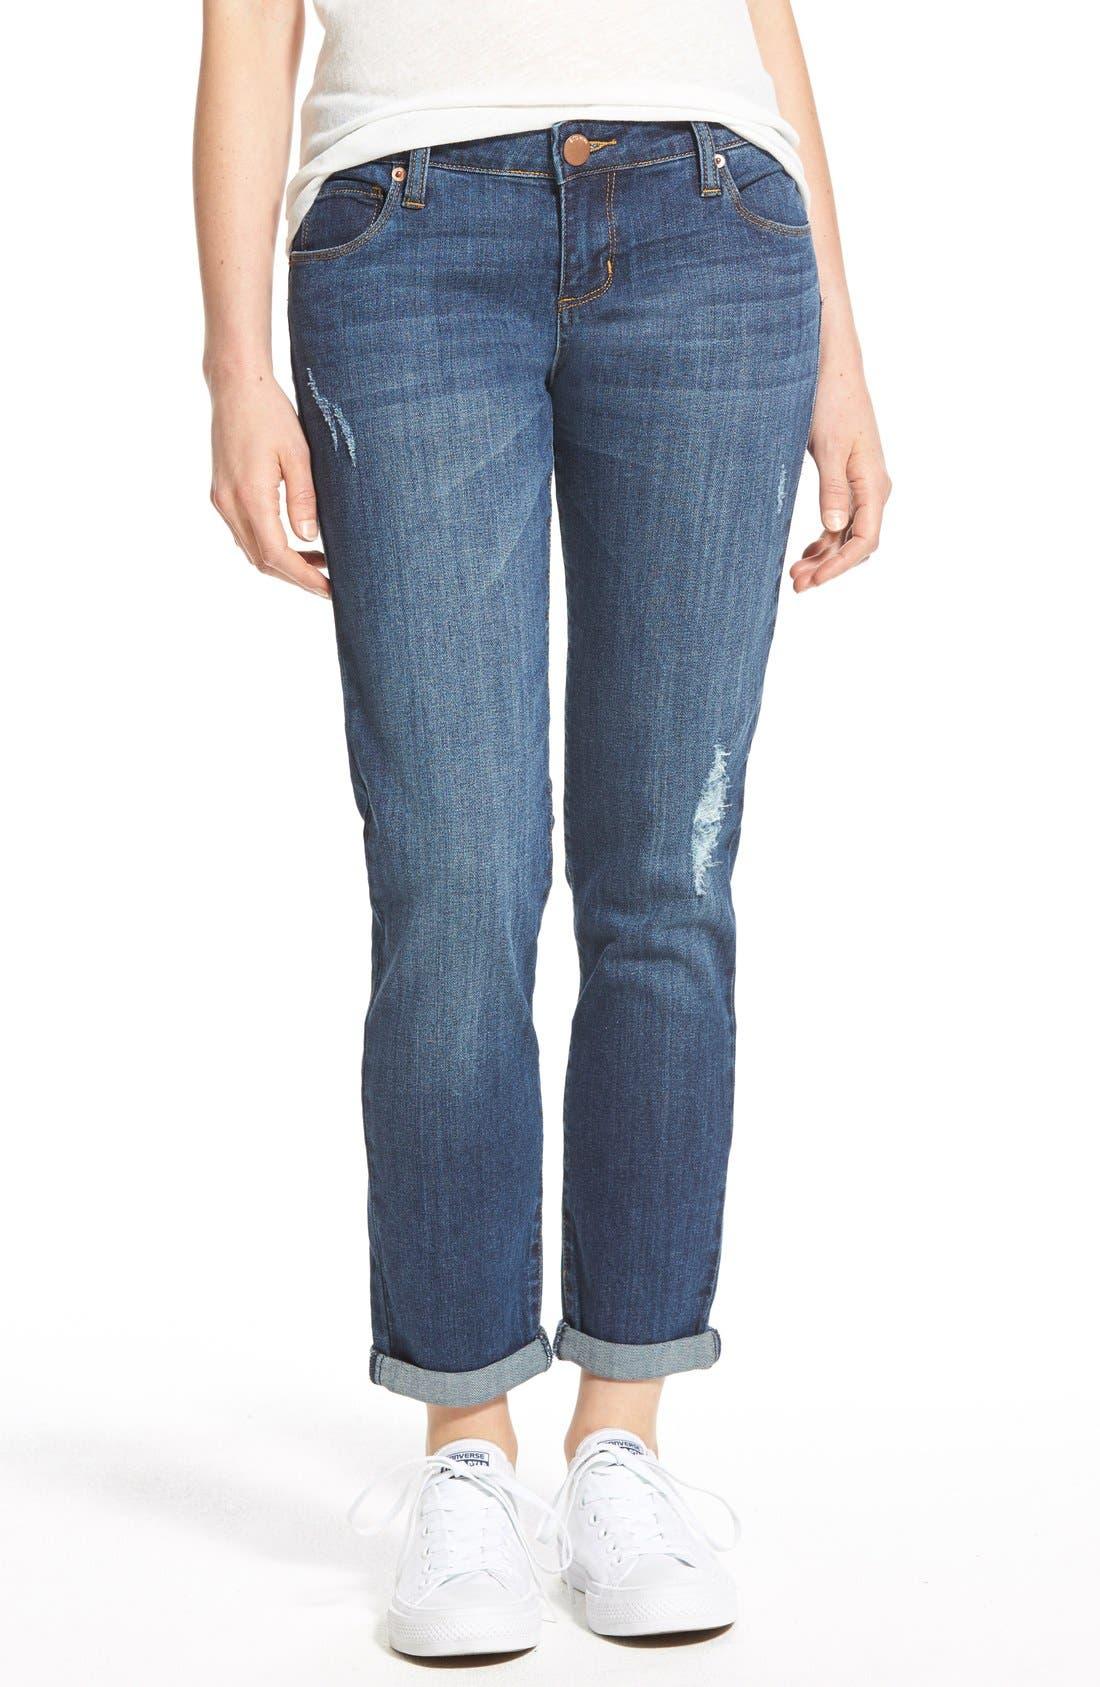 Main Image - STSBlue 'Joey' Low Rise Boyfriend Jeans (Big Bear)